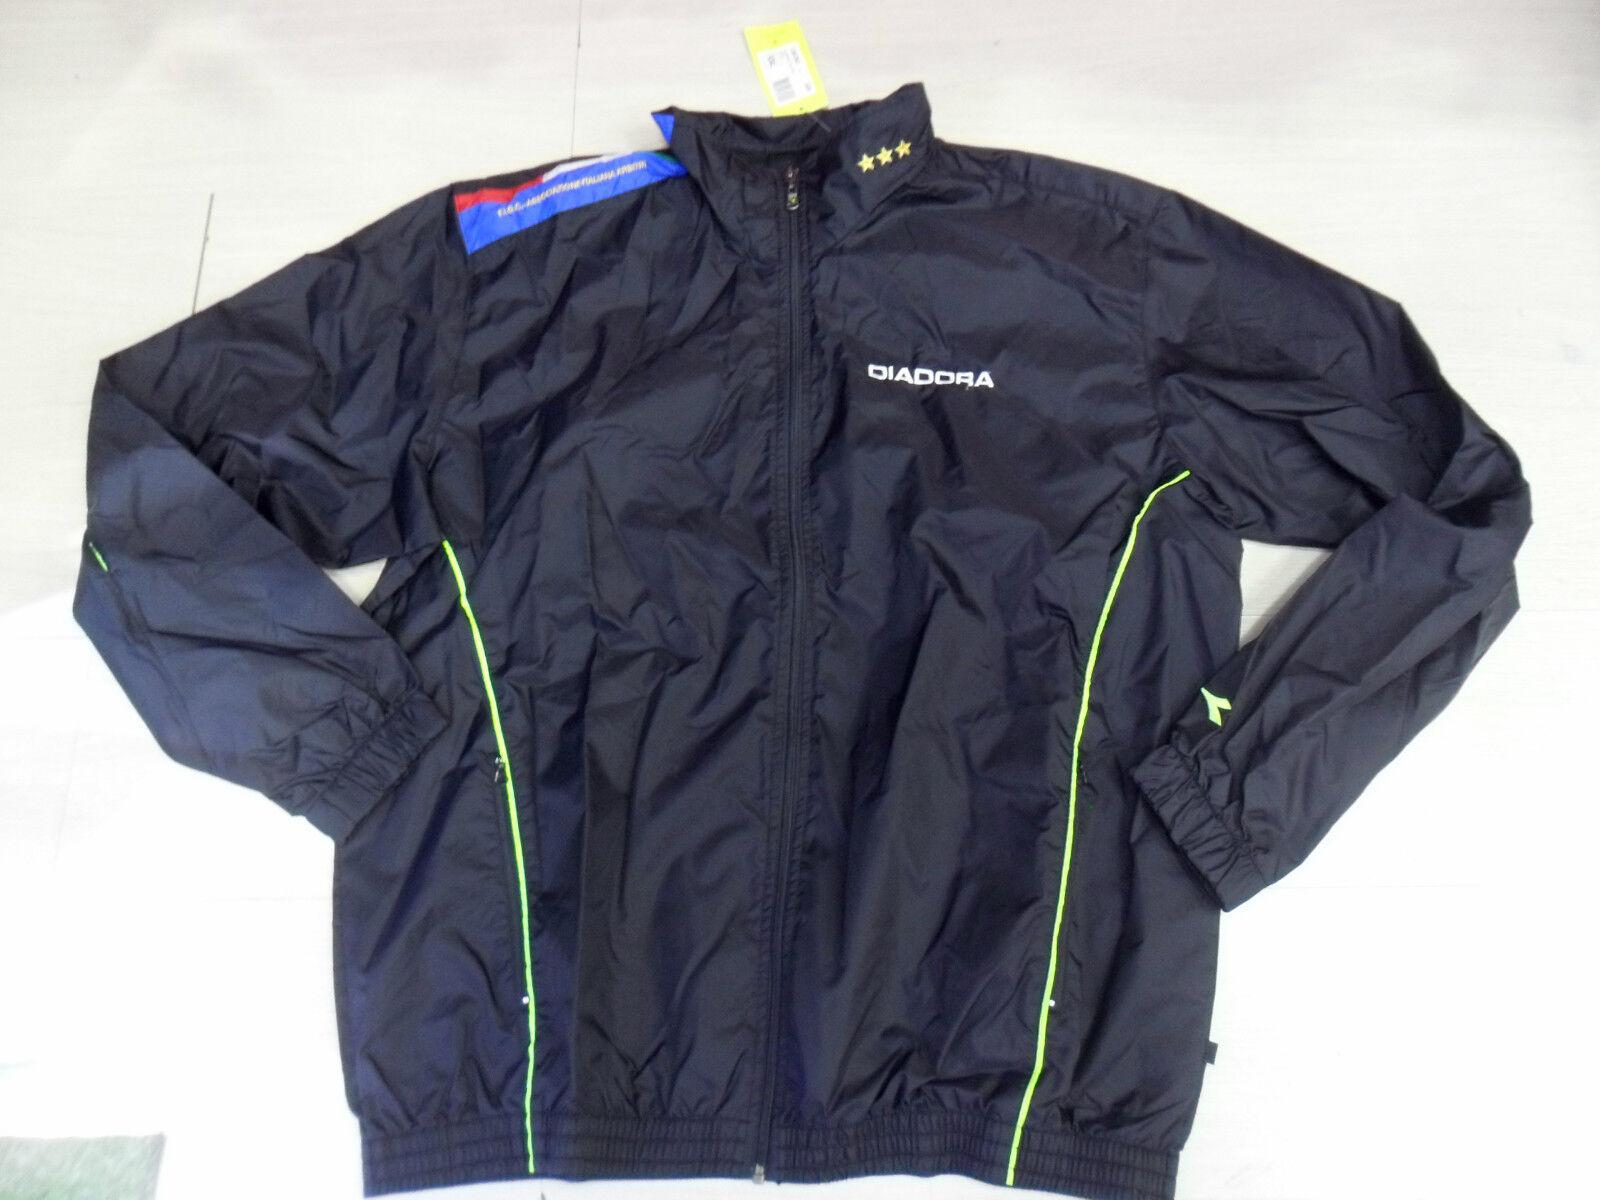 0265 Diadora Größe XXL ArmGoldt Jacket Wasserdicht Hühnerhof Bindung Italienisch